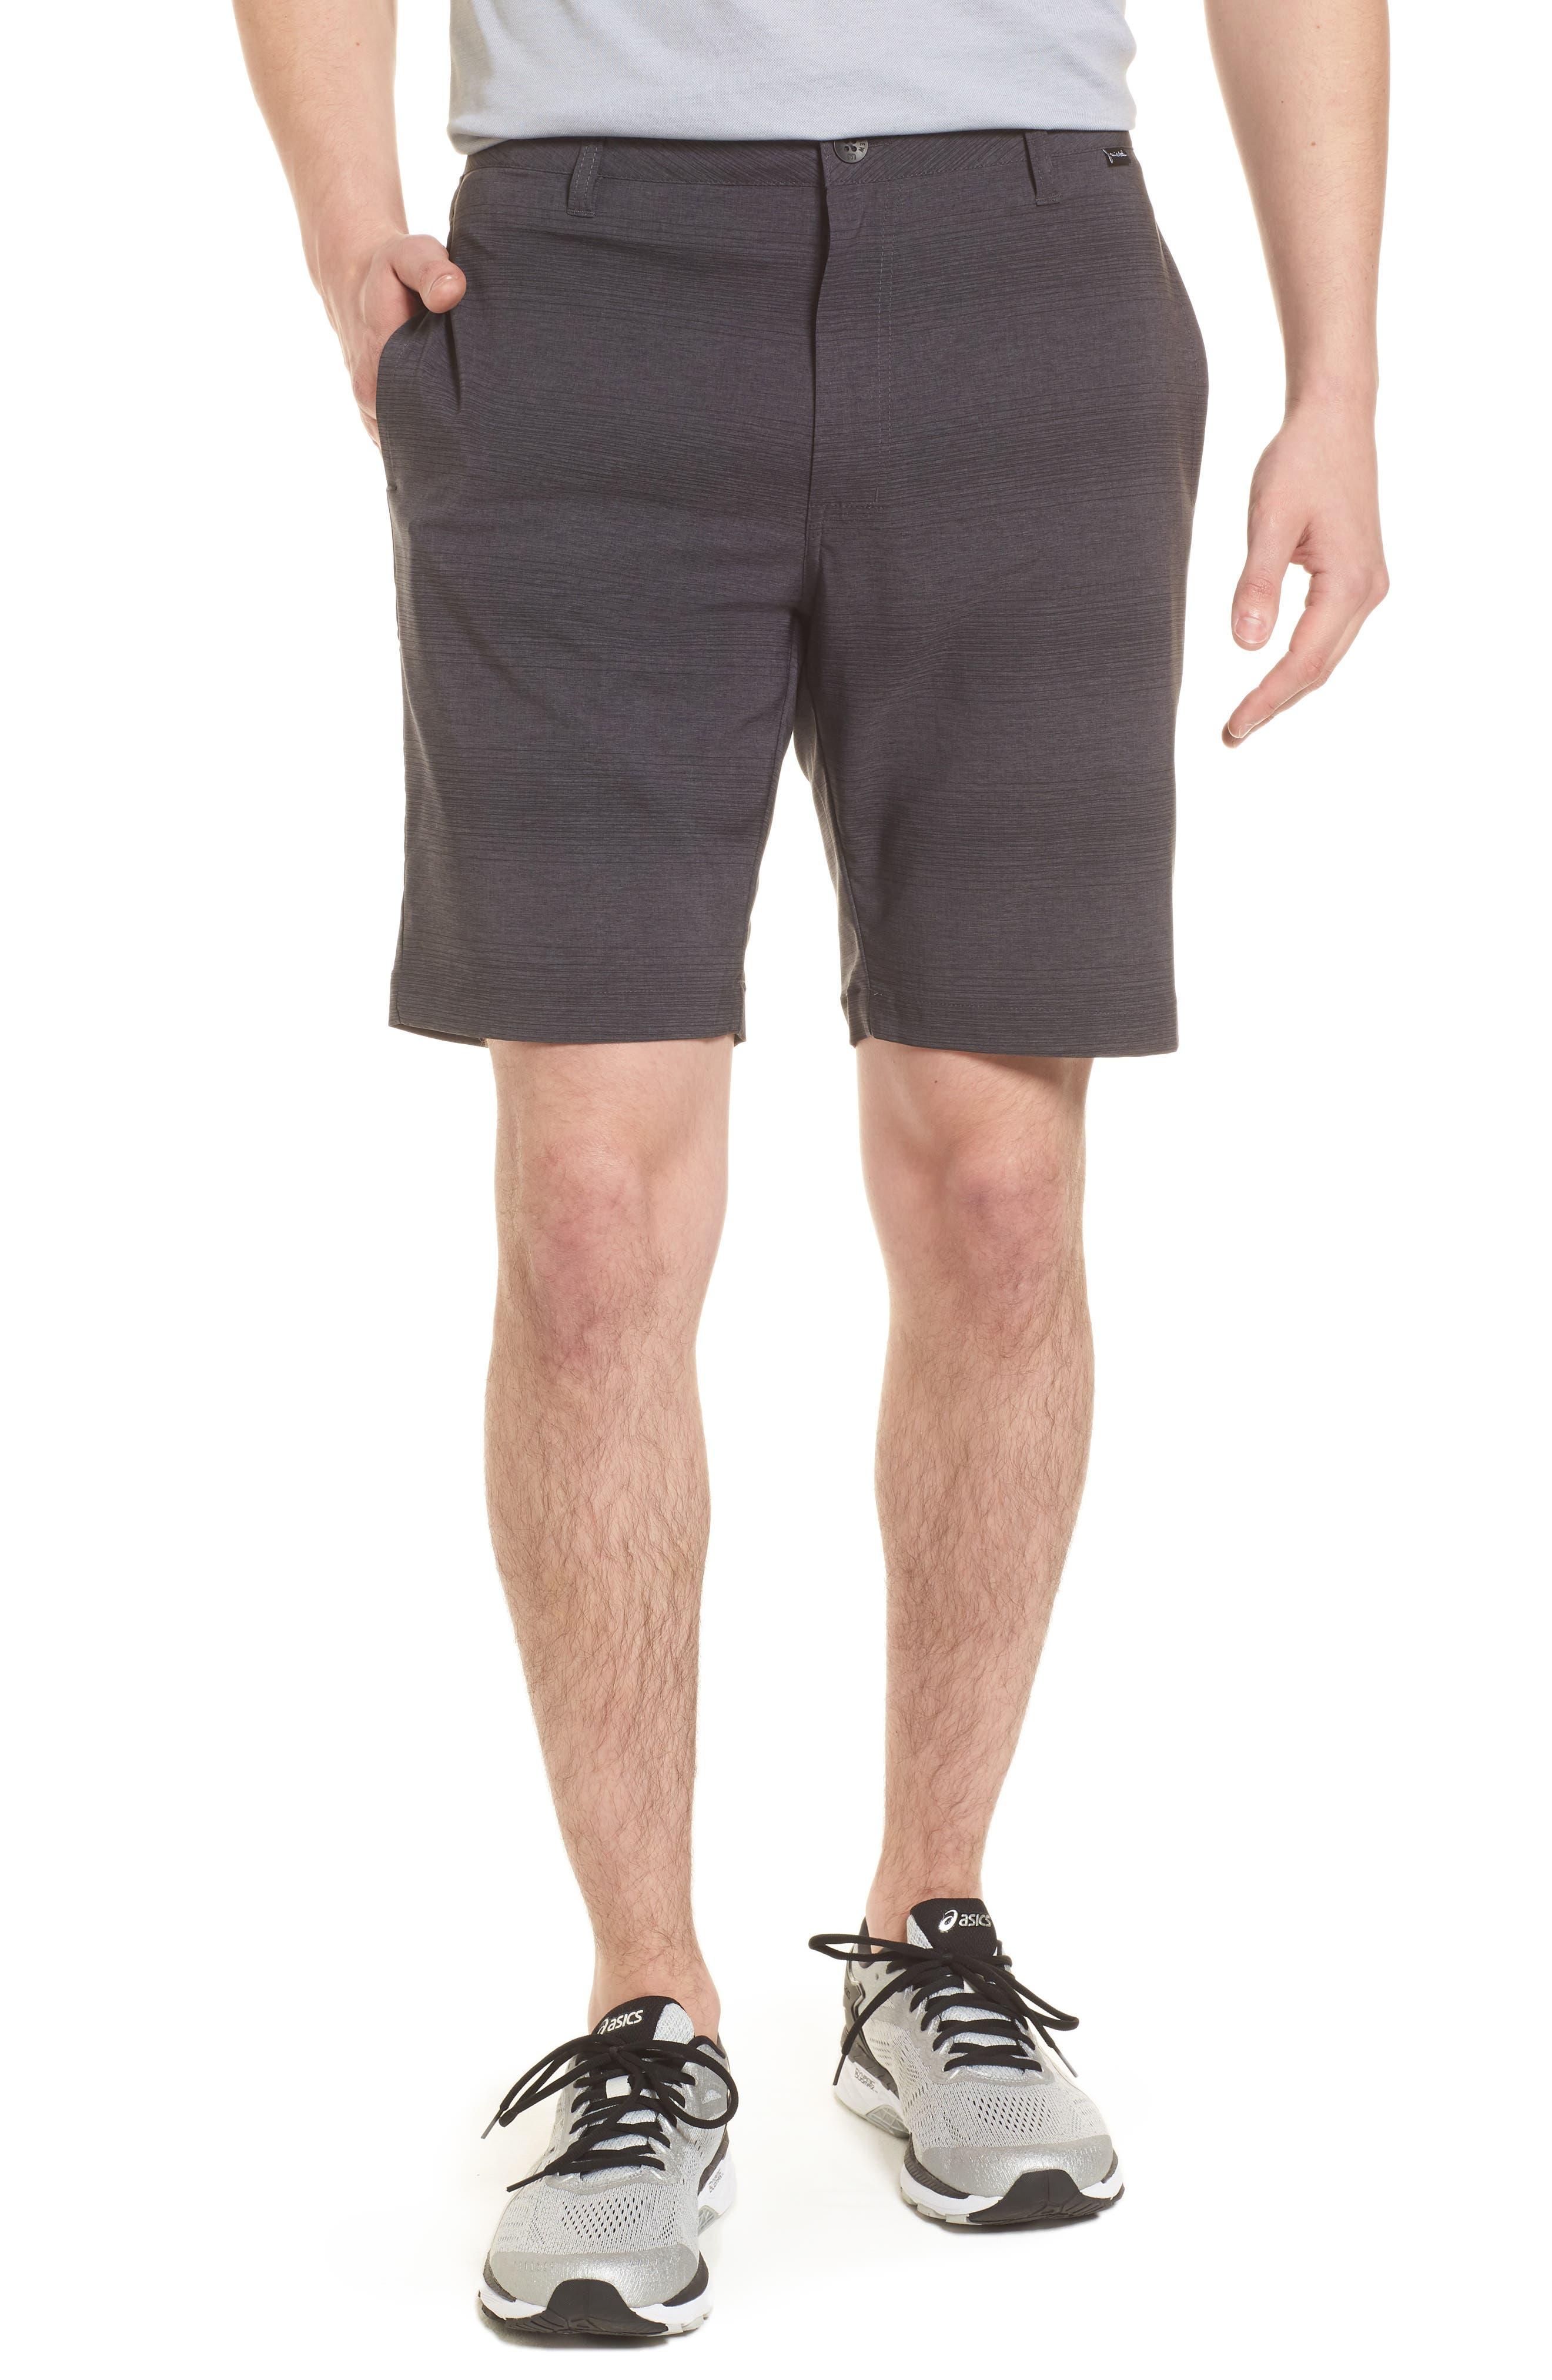 Tepic Shorts,                             Main thumbnail 1, color,                             001